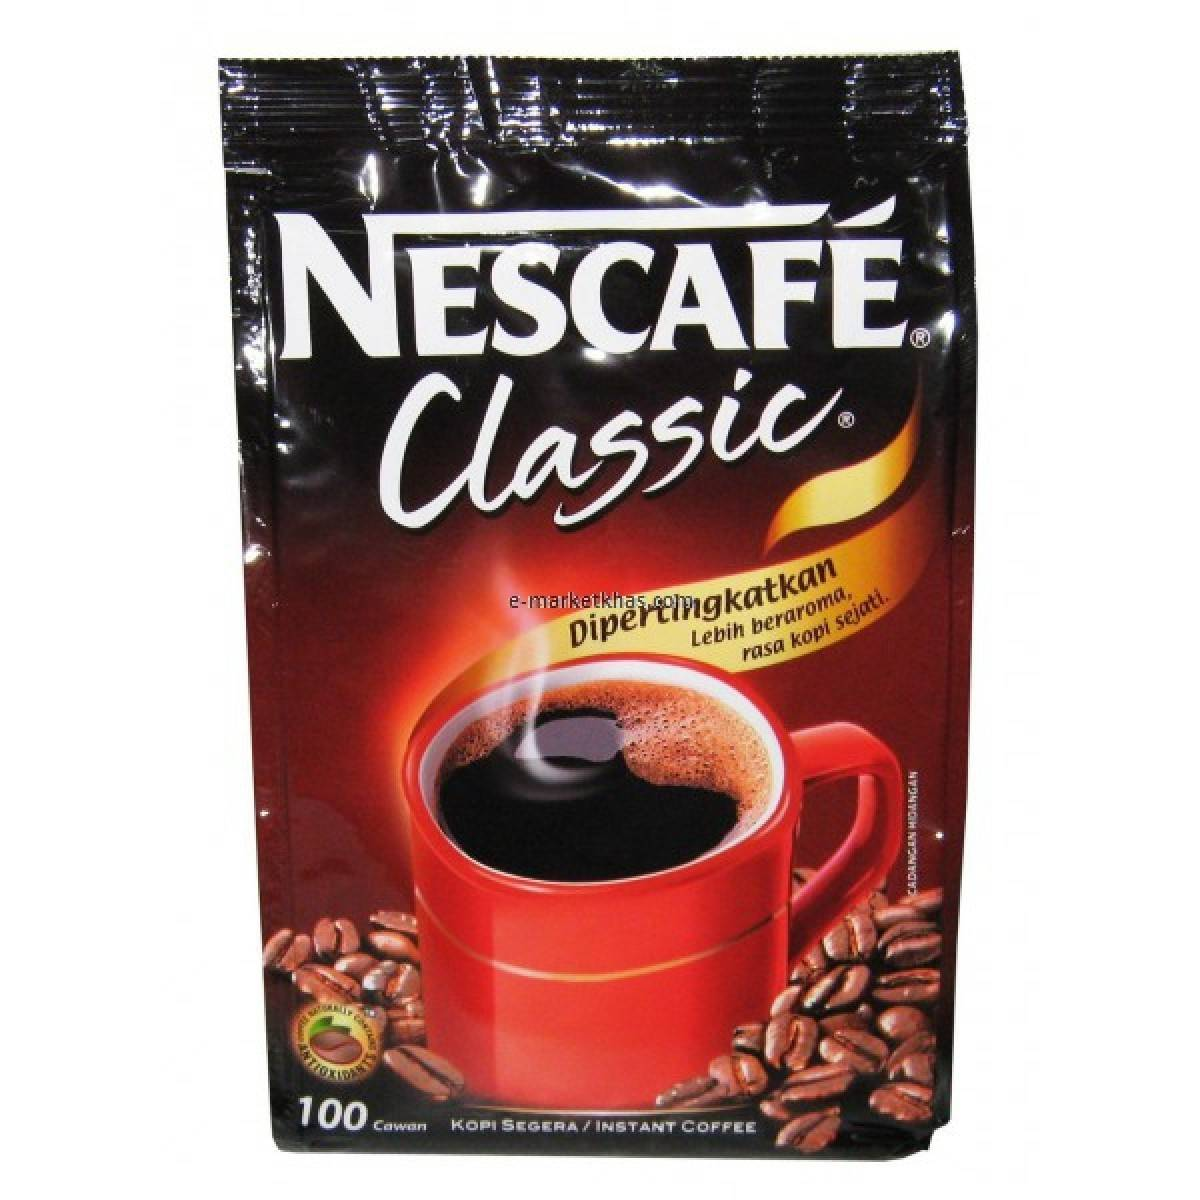 Nescafe classic 100g / 200g / Nescafe Gold Blend / Nescafe Sensazione creme 100g